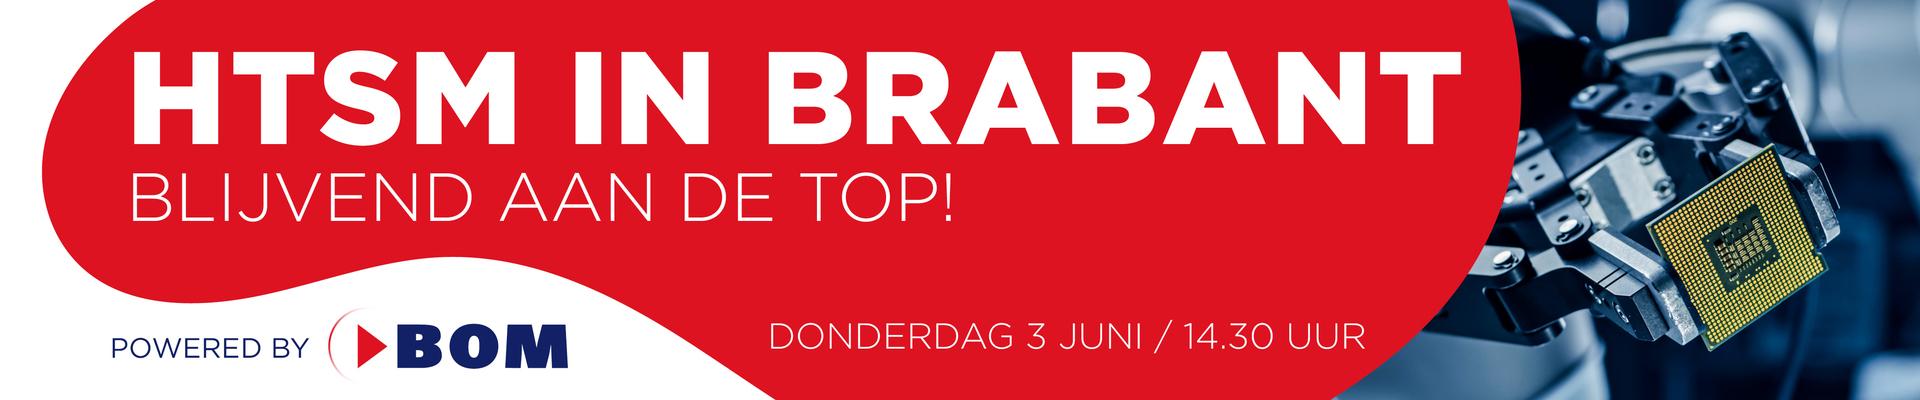 """Webinar """"HTSM Brabant blijvend aan de top"""""""